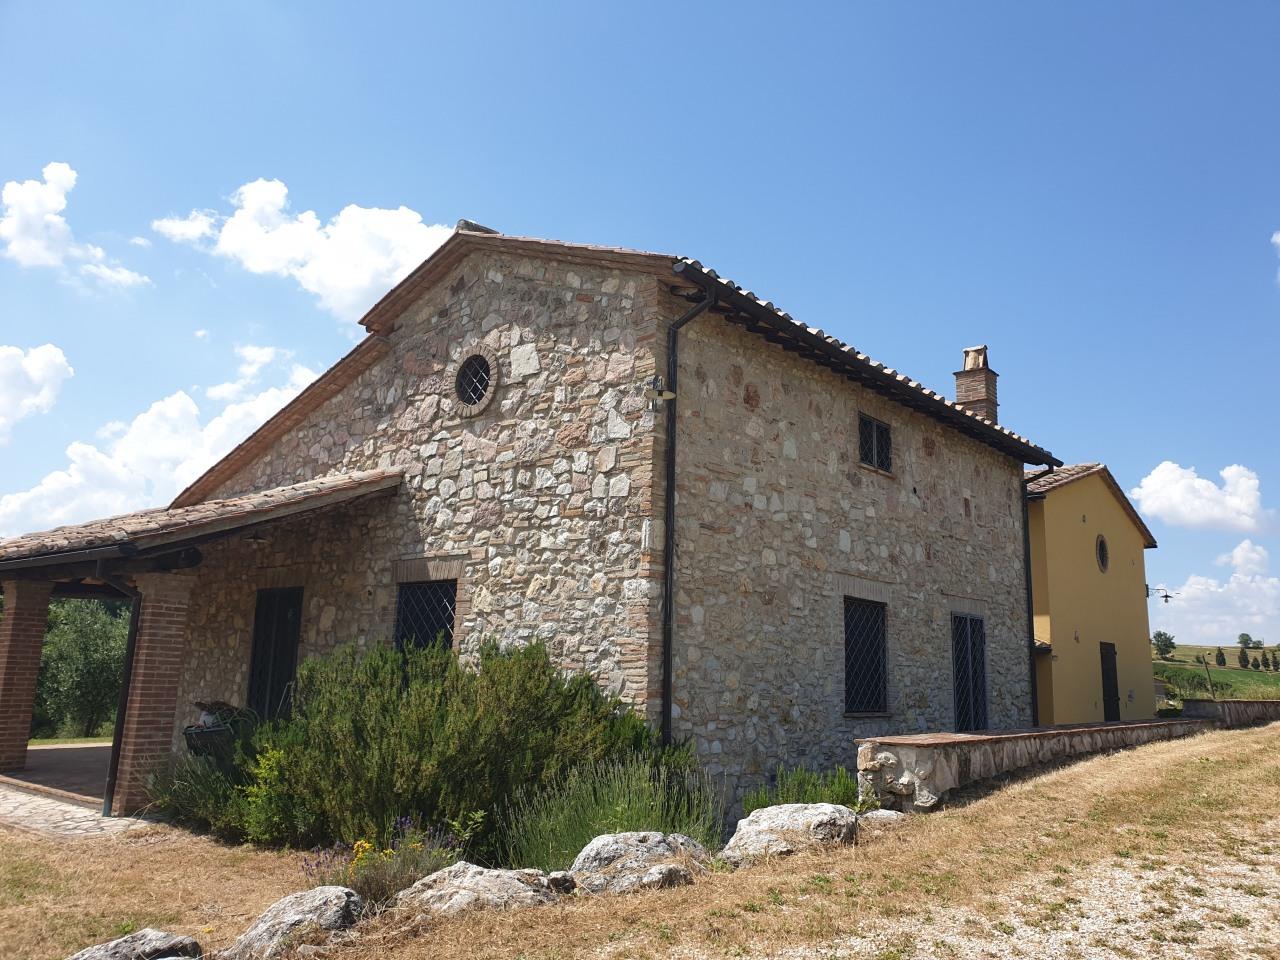 Rustico / Casale in affitto a Avigliano Umbro, 8 locali, prezzo € 2.800   PortaleAgenzieImmobiliari.it